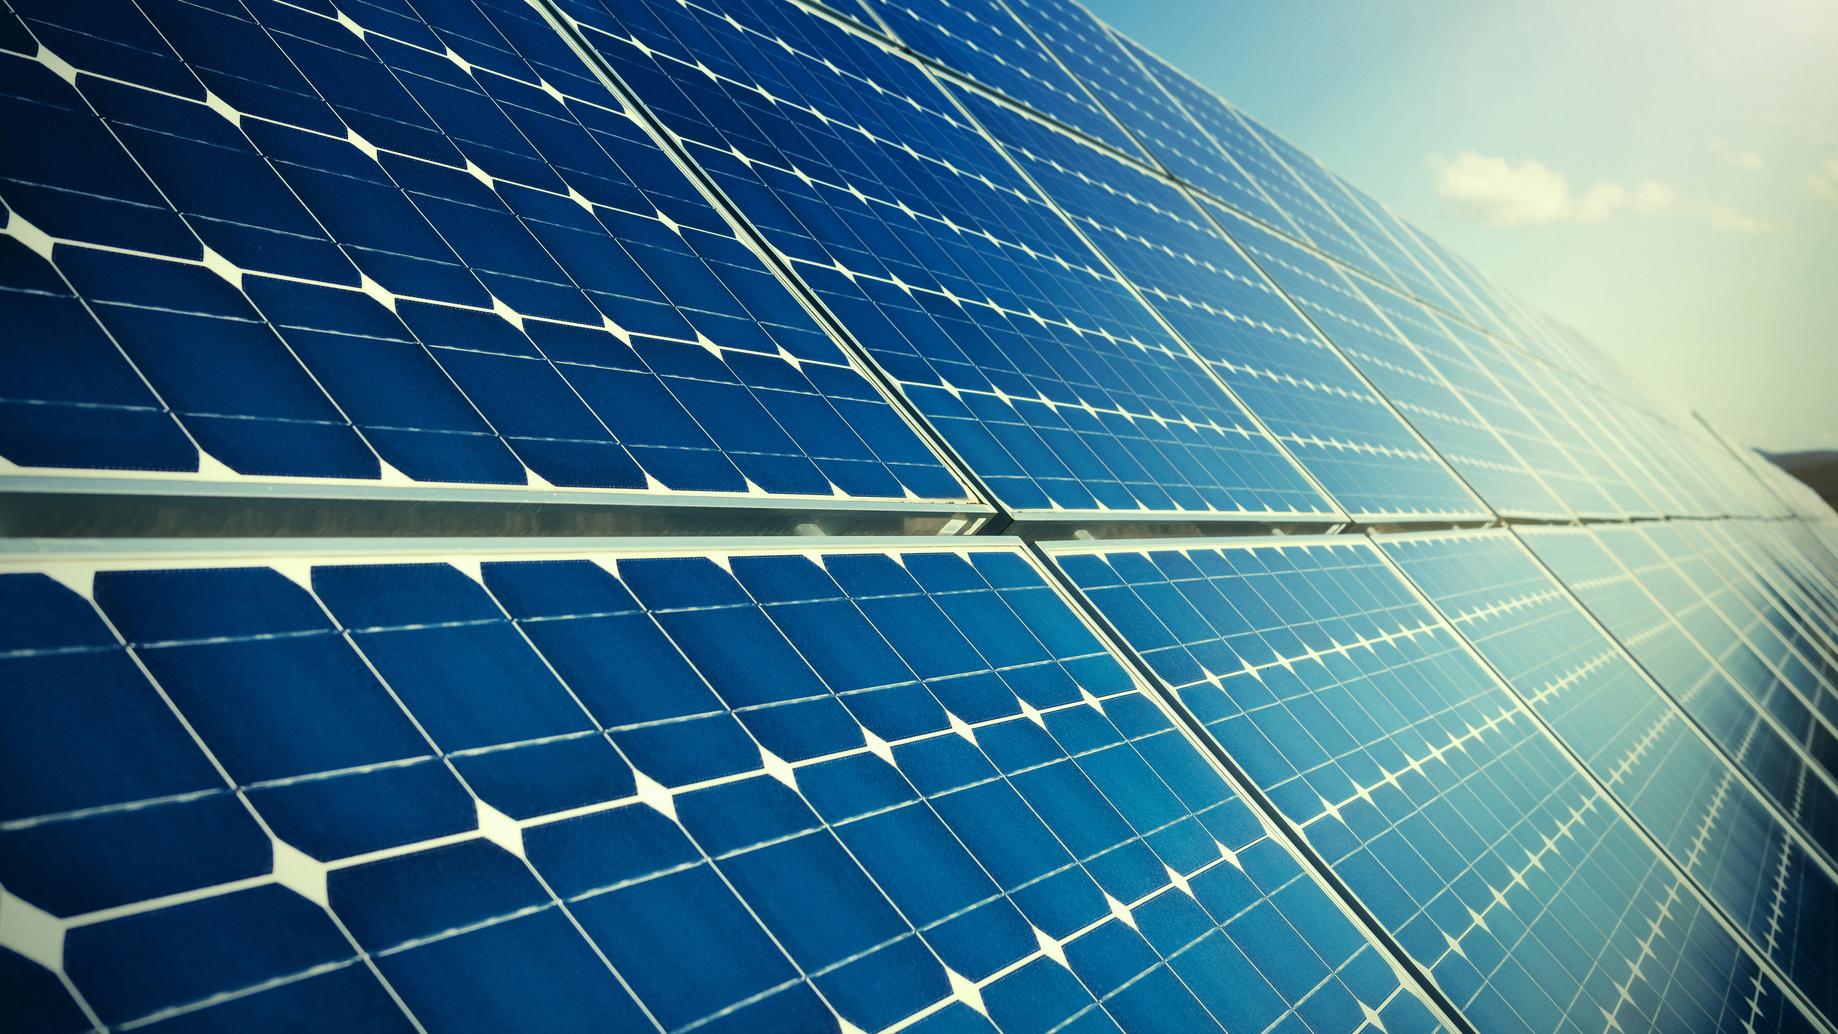 solar at mercedes benz stadium, sustainable atlanta falcons stadium